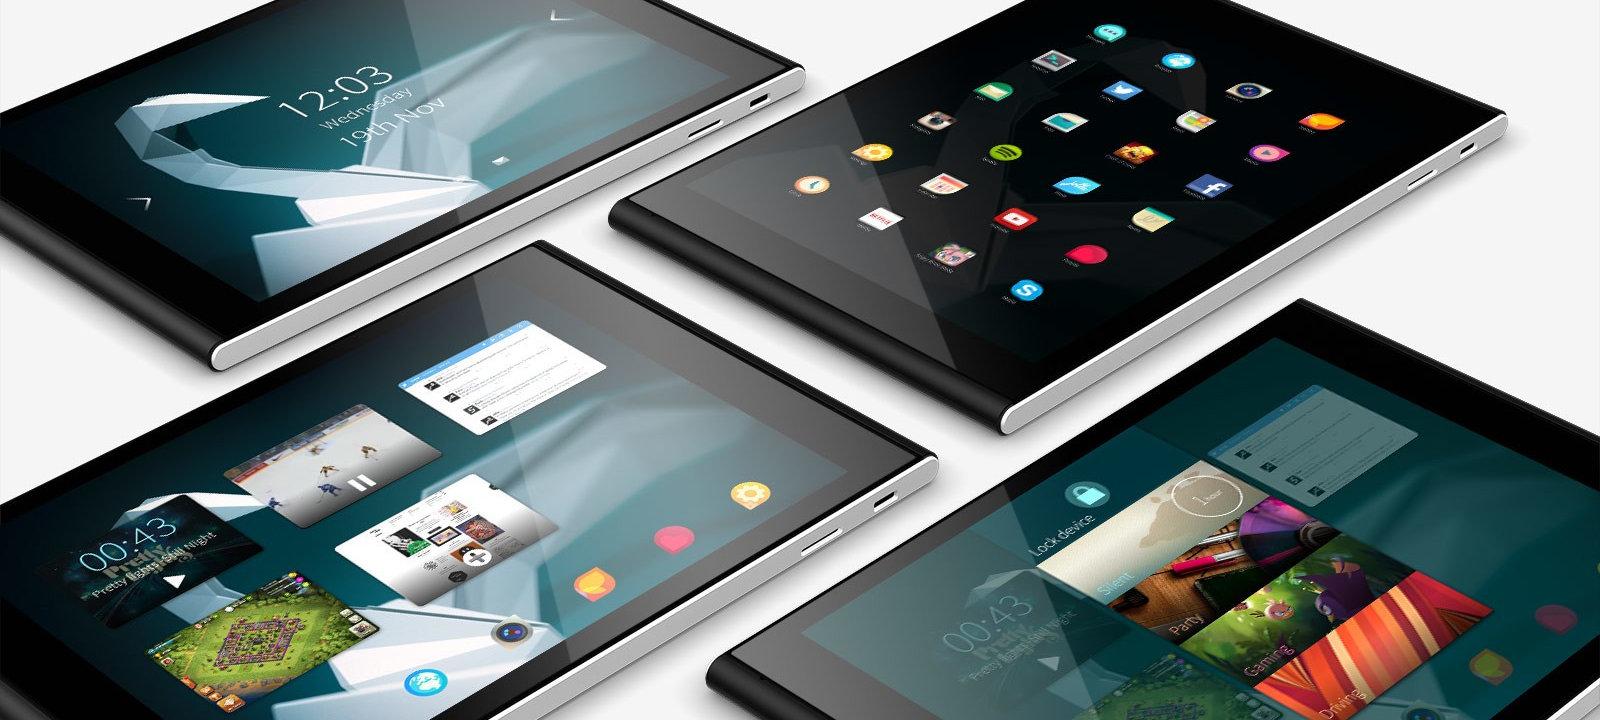 Sailfish как замена Android. Изучаем операционную систему, которая освободит твой телефон от гнета Google